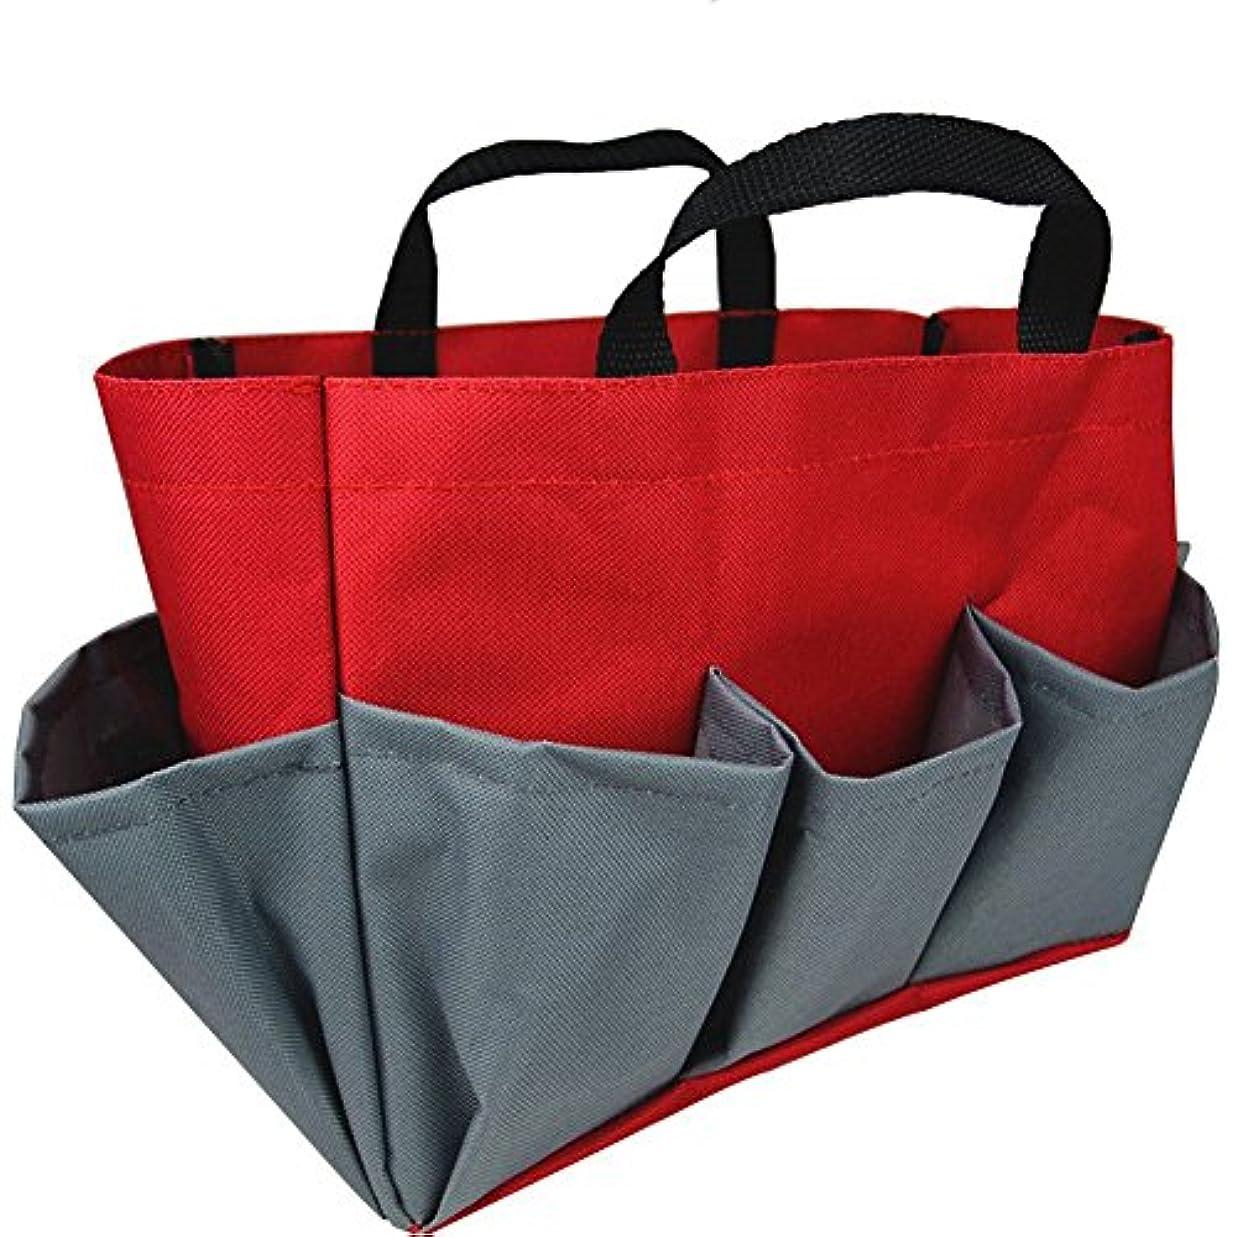 構成コカインミンチチャミ 多機能 収納バッグ 収納トートバッグ ツールキャリーバッグ 防水性 洗面用具入れ 旅行家庭用に 化粧品バッグ ガーデンキットバッグ